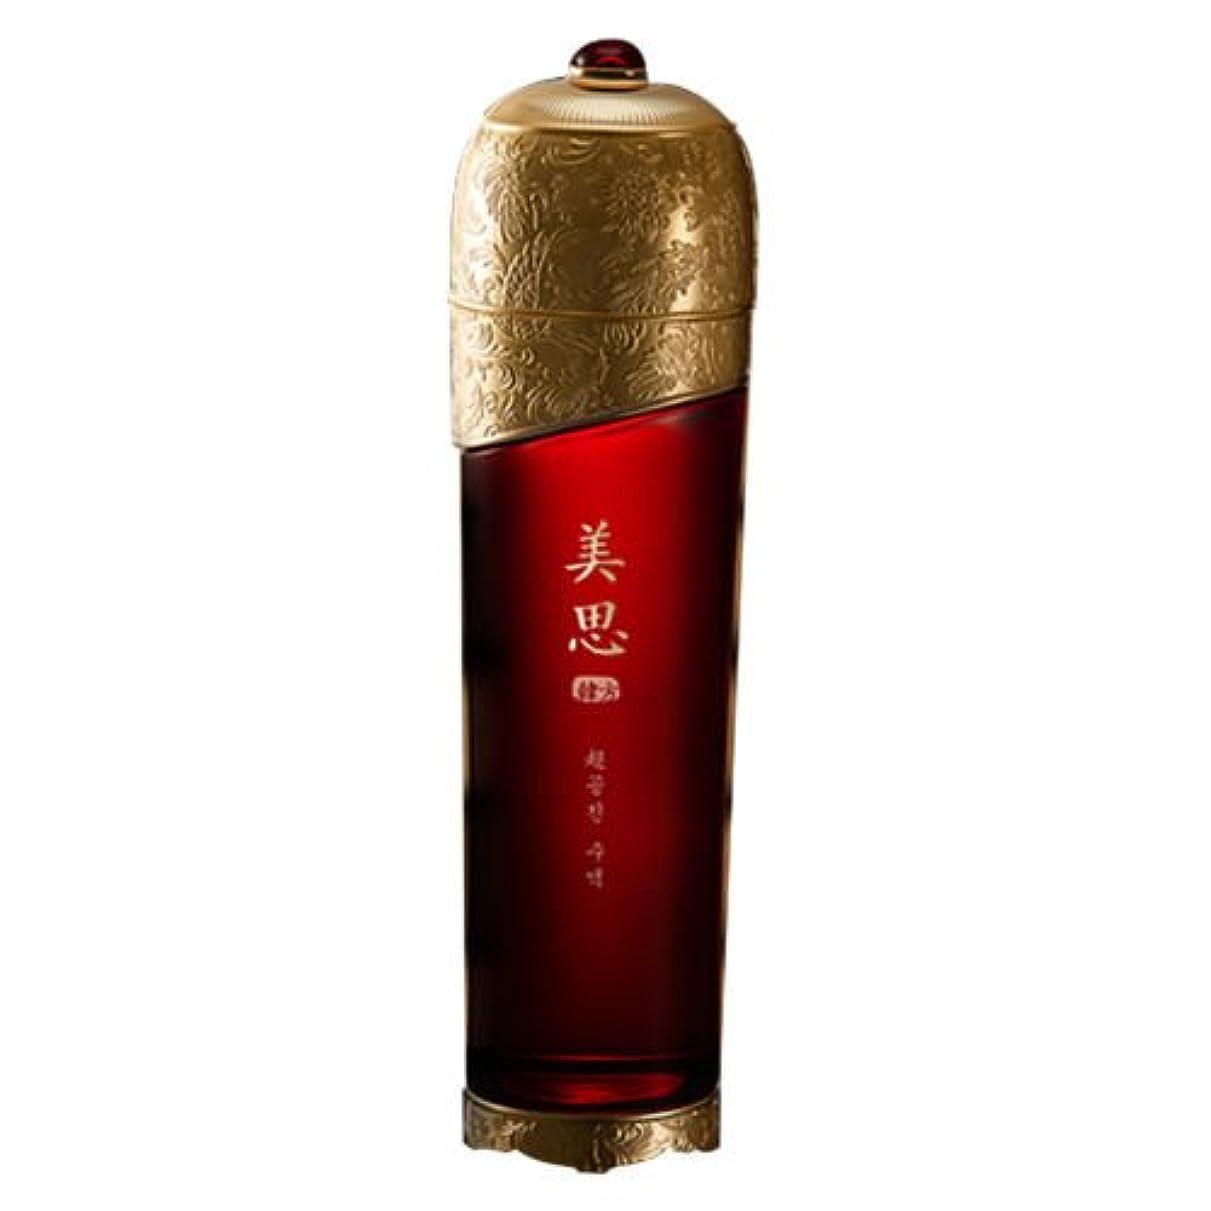 許される許される土曜日MISSHA(ミシャ)美思 韓方 旧チョボヤン (超)チョゴンジン 化粧水 基礎化粧品 スキンケア